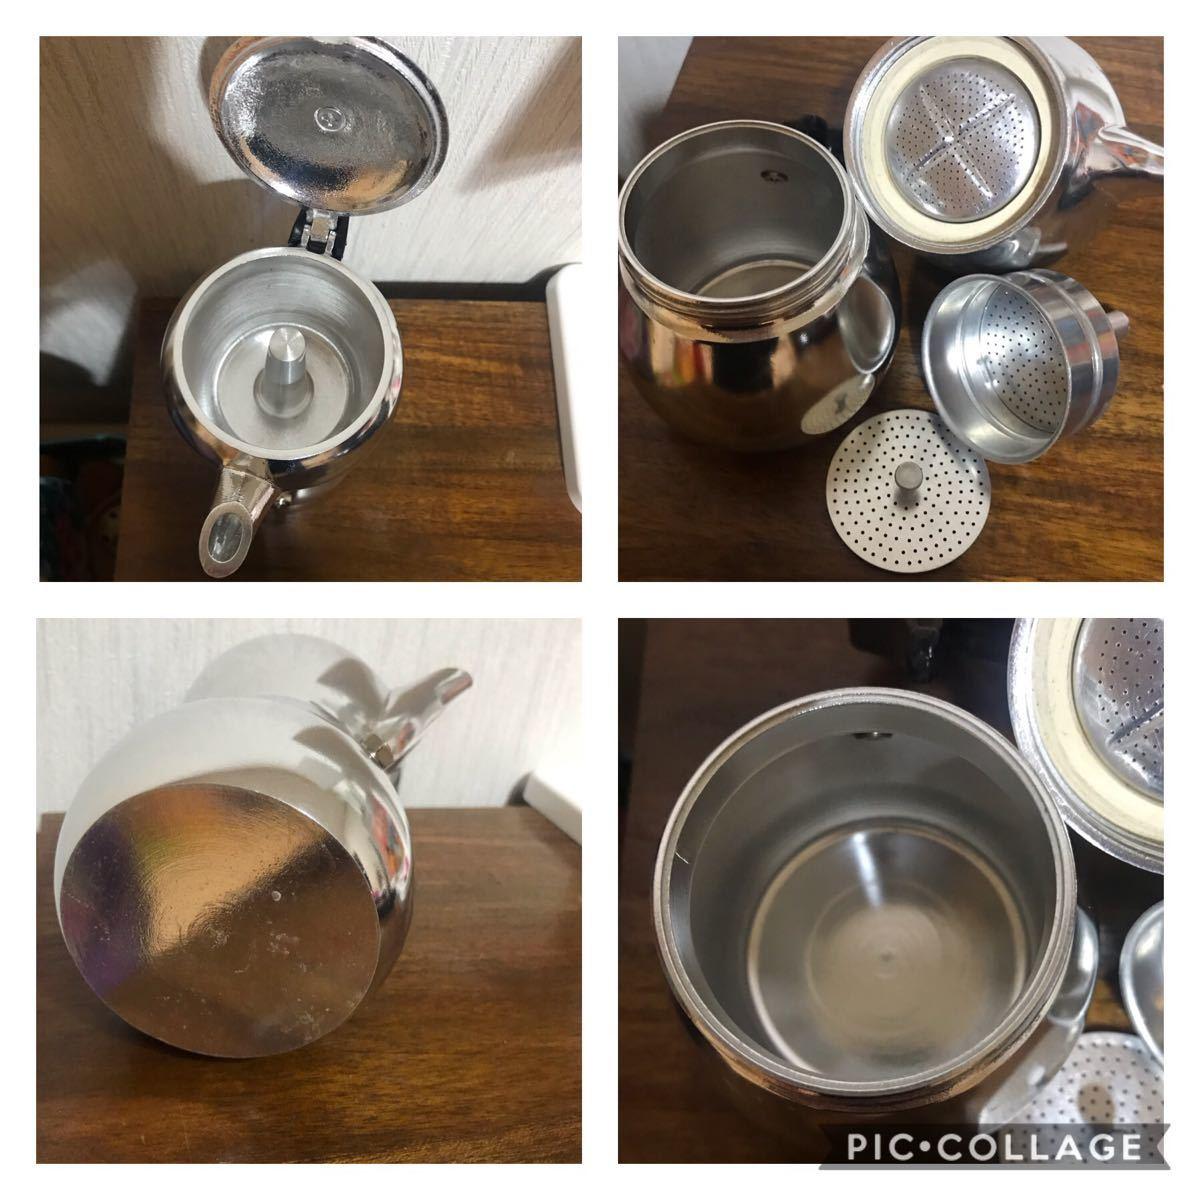 signora マキネッタ 直火式 コーヒーメーカー エスプレッソメーカー